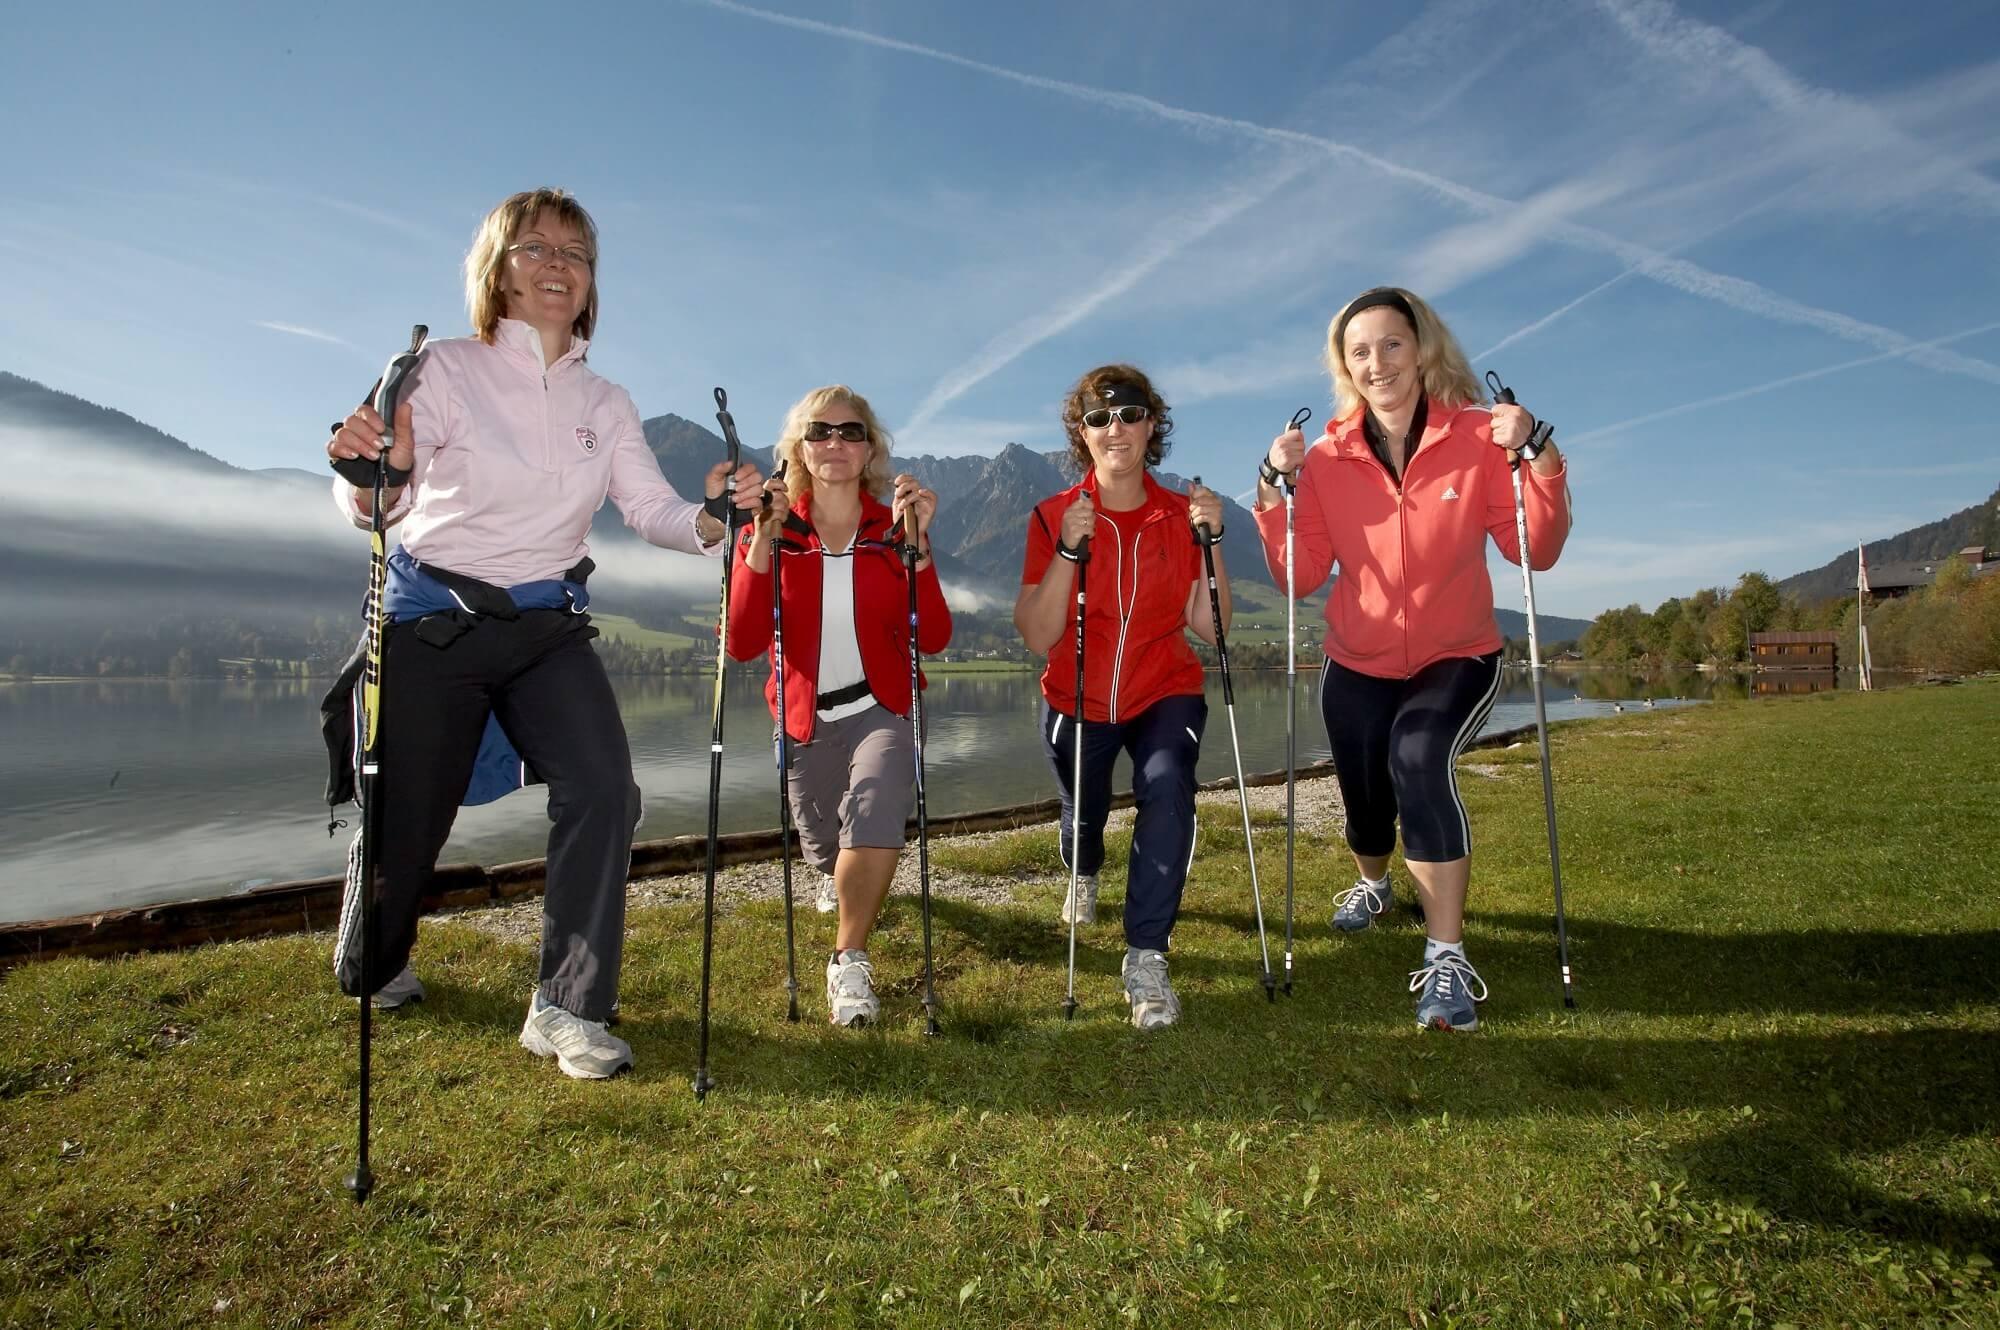 скандинавская ходьба с лыжными палками можно ли